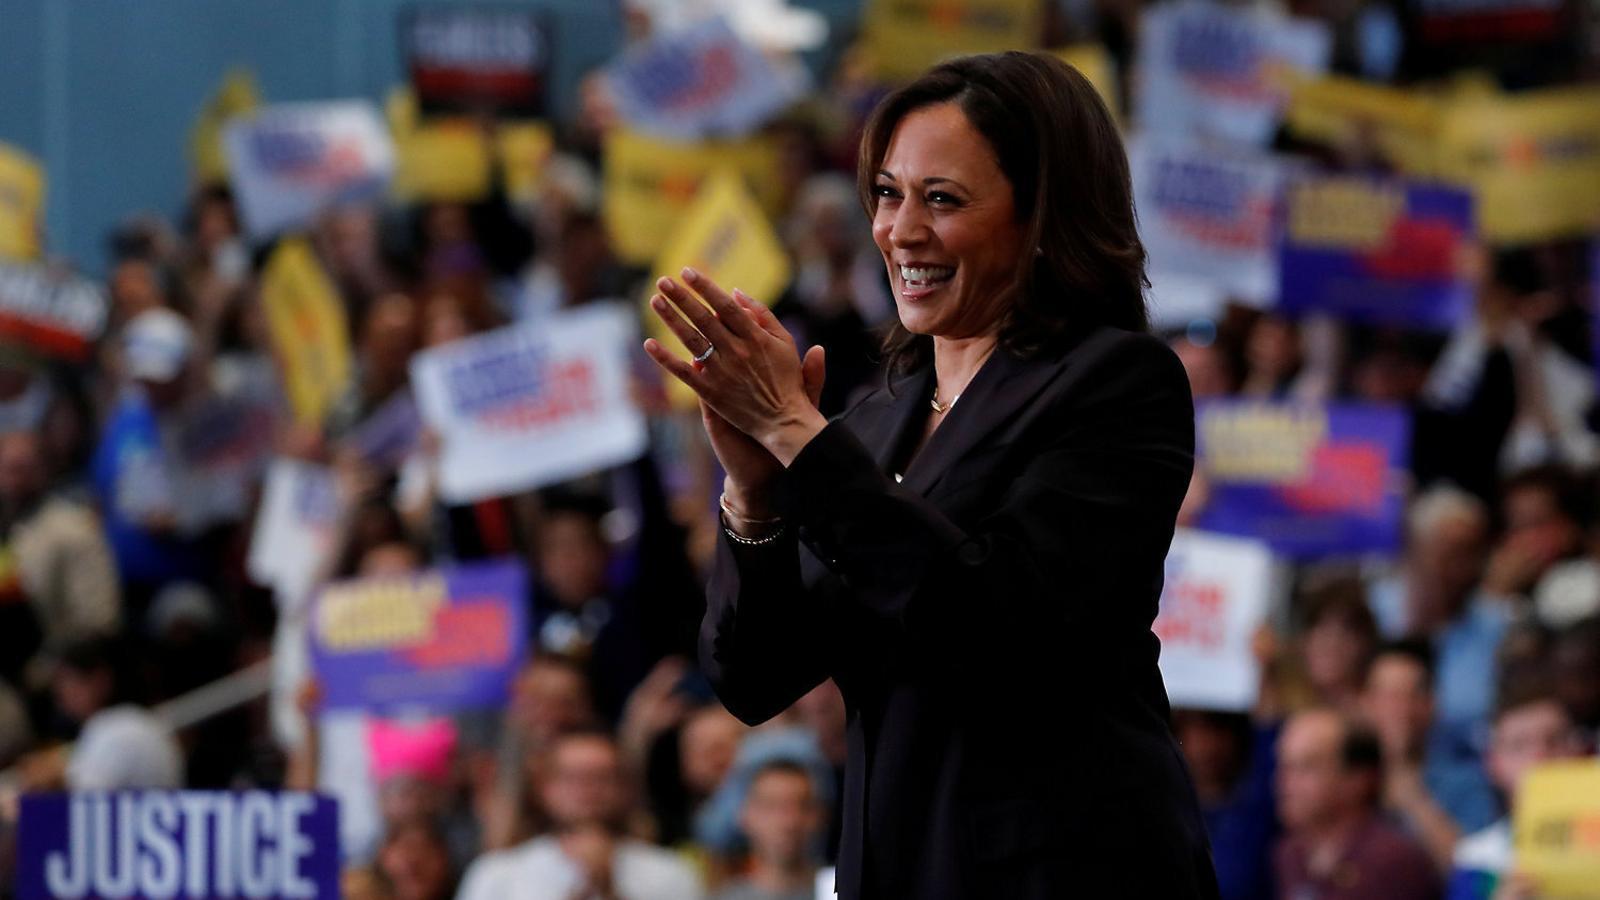 Una afroamericana, número 2 de la candidatura de Joe Biden